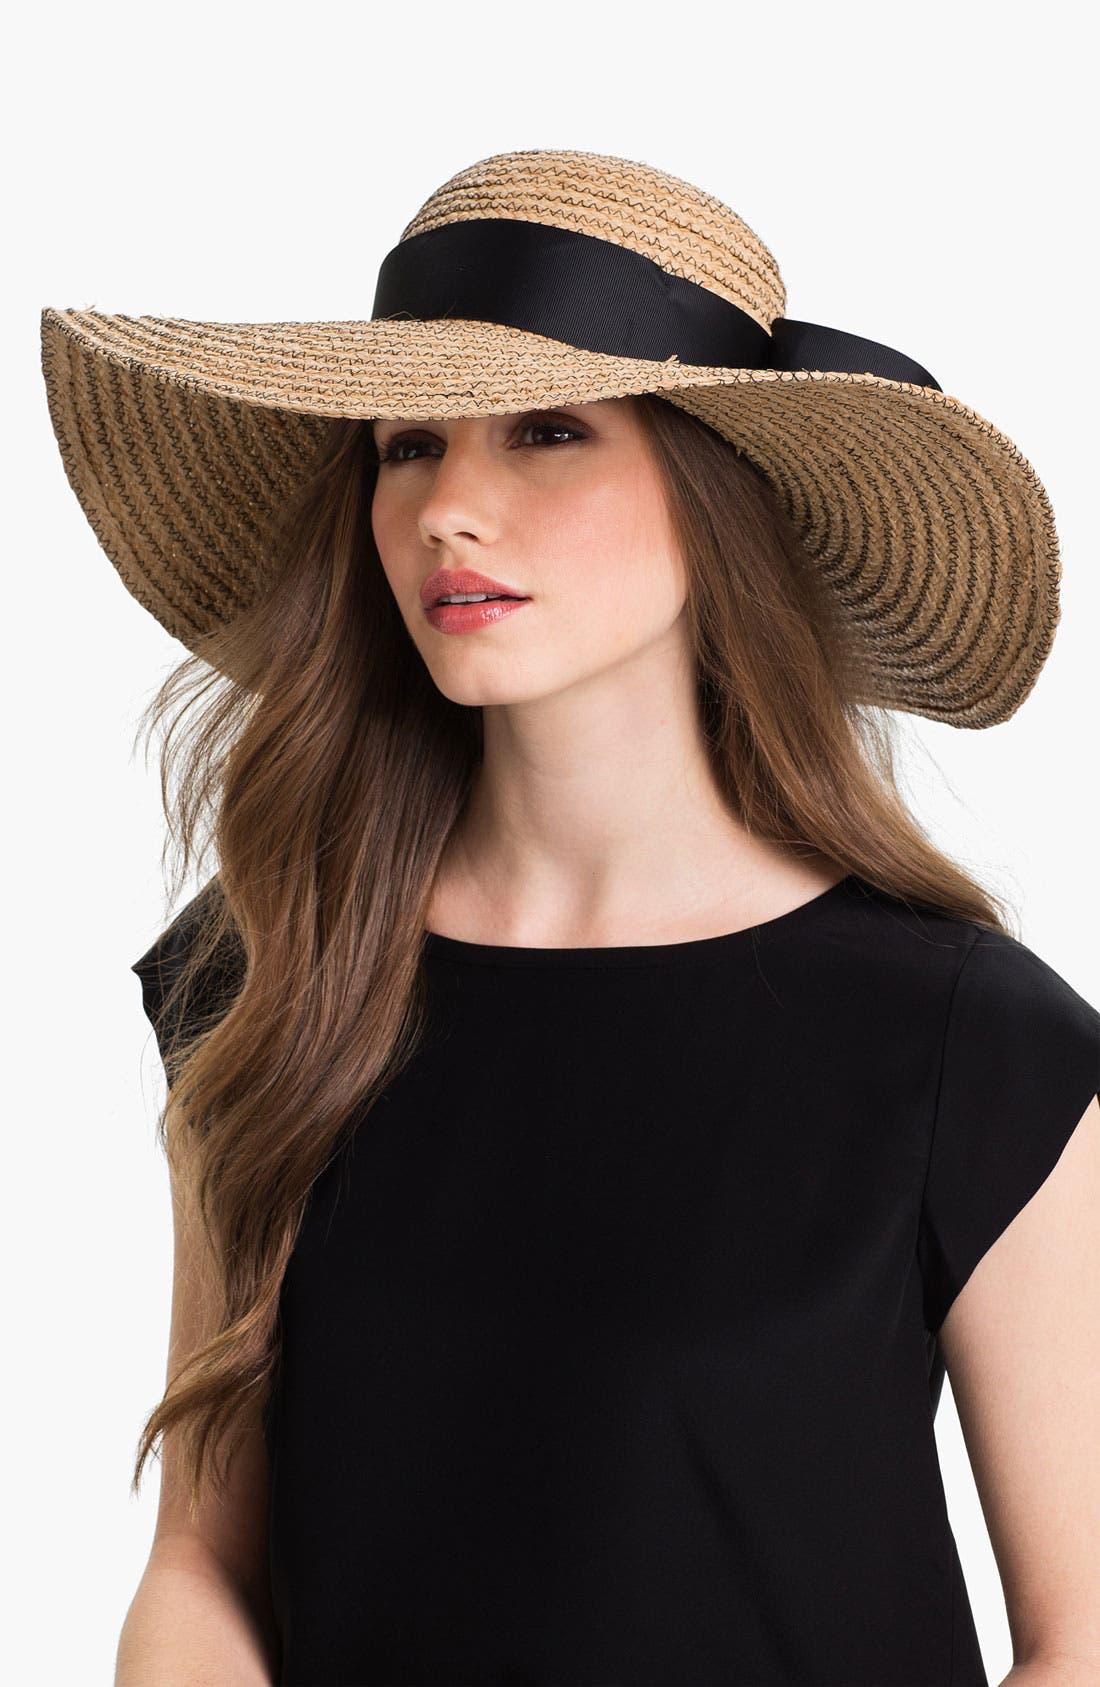 Alternate Image 1 Selected - Jonathan Adler Floppy Straw Sun Hat